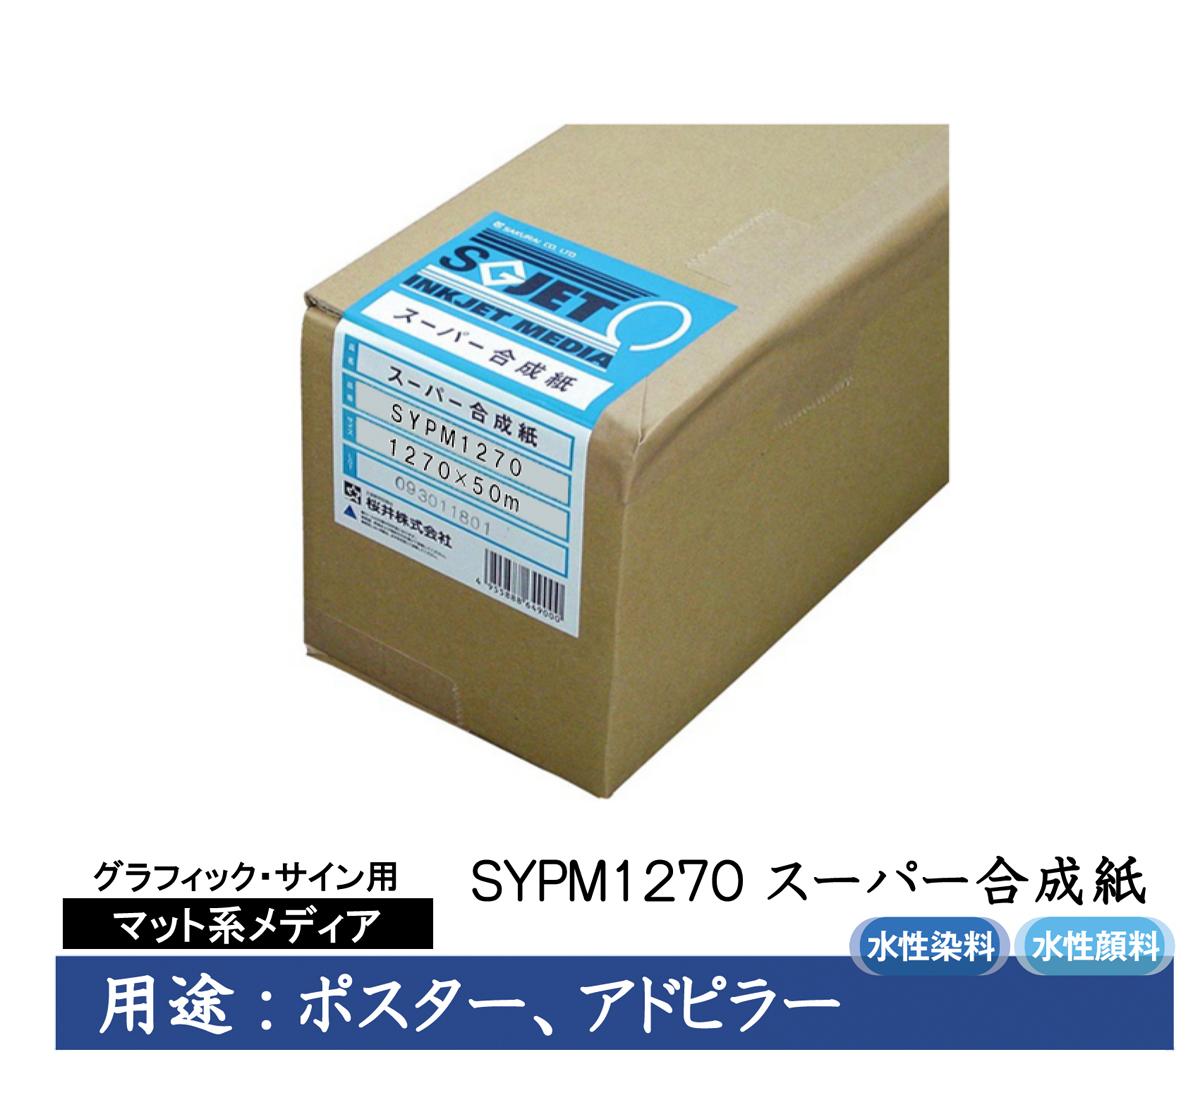 桜井 グラフィック・サイン用インクジェット用紙 スーパー合成紙 1270mm×50m 3インチ 1本入 SYPM1270